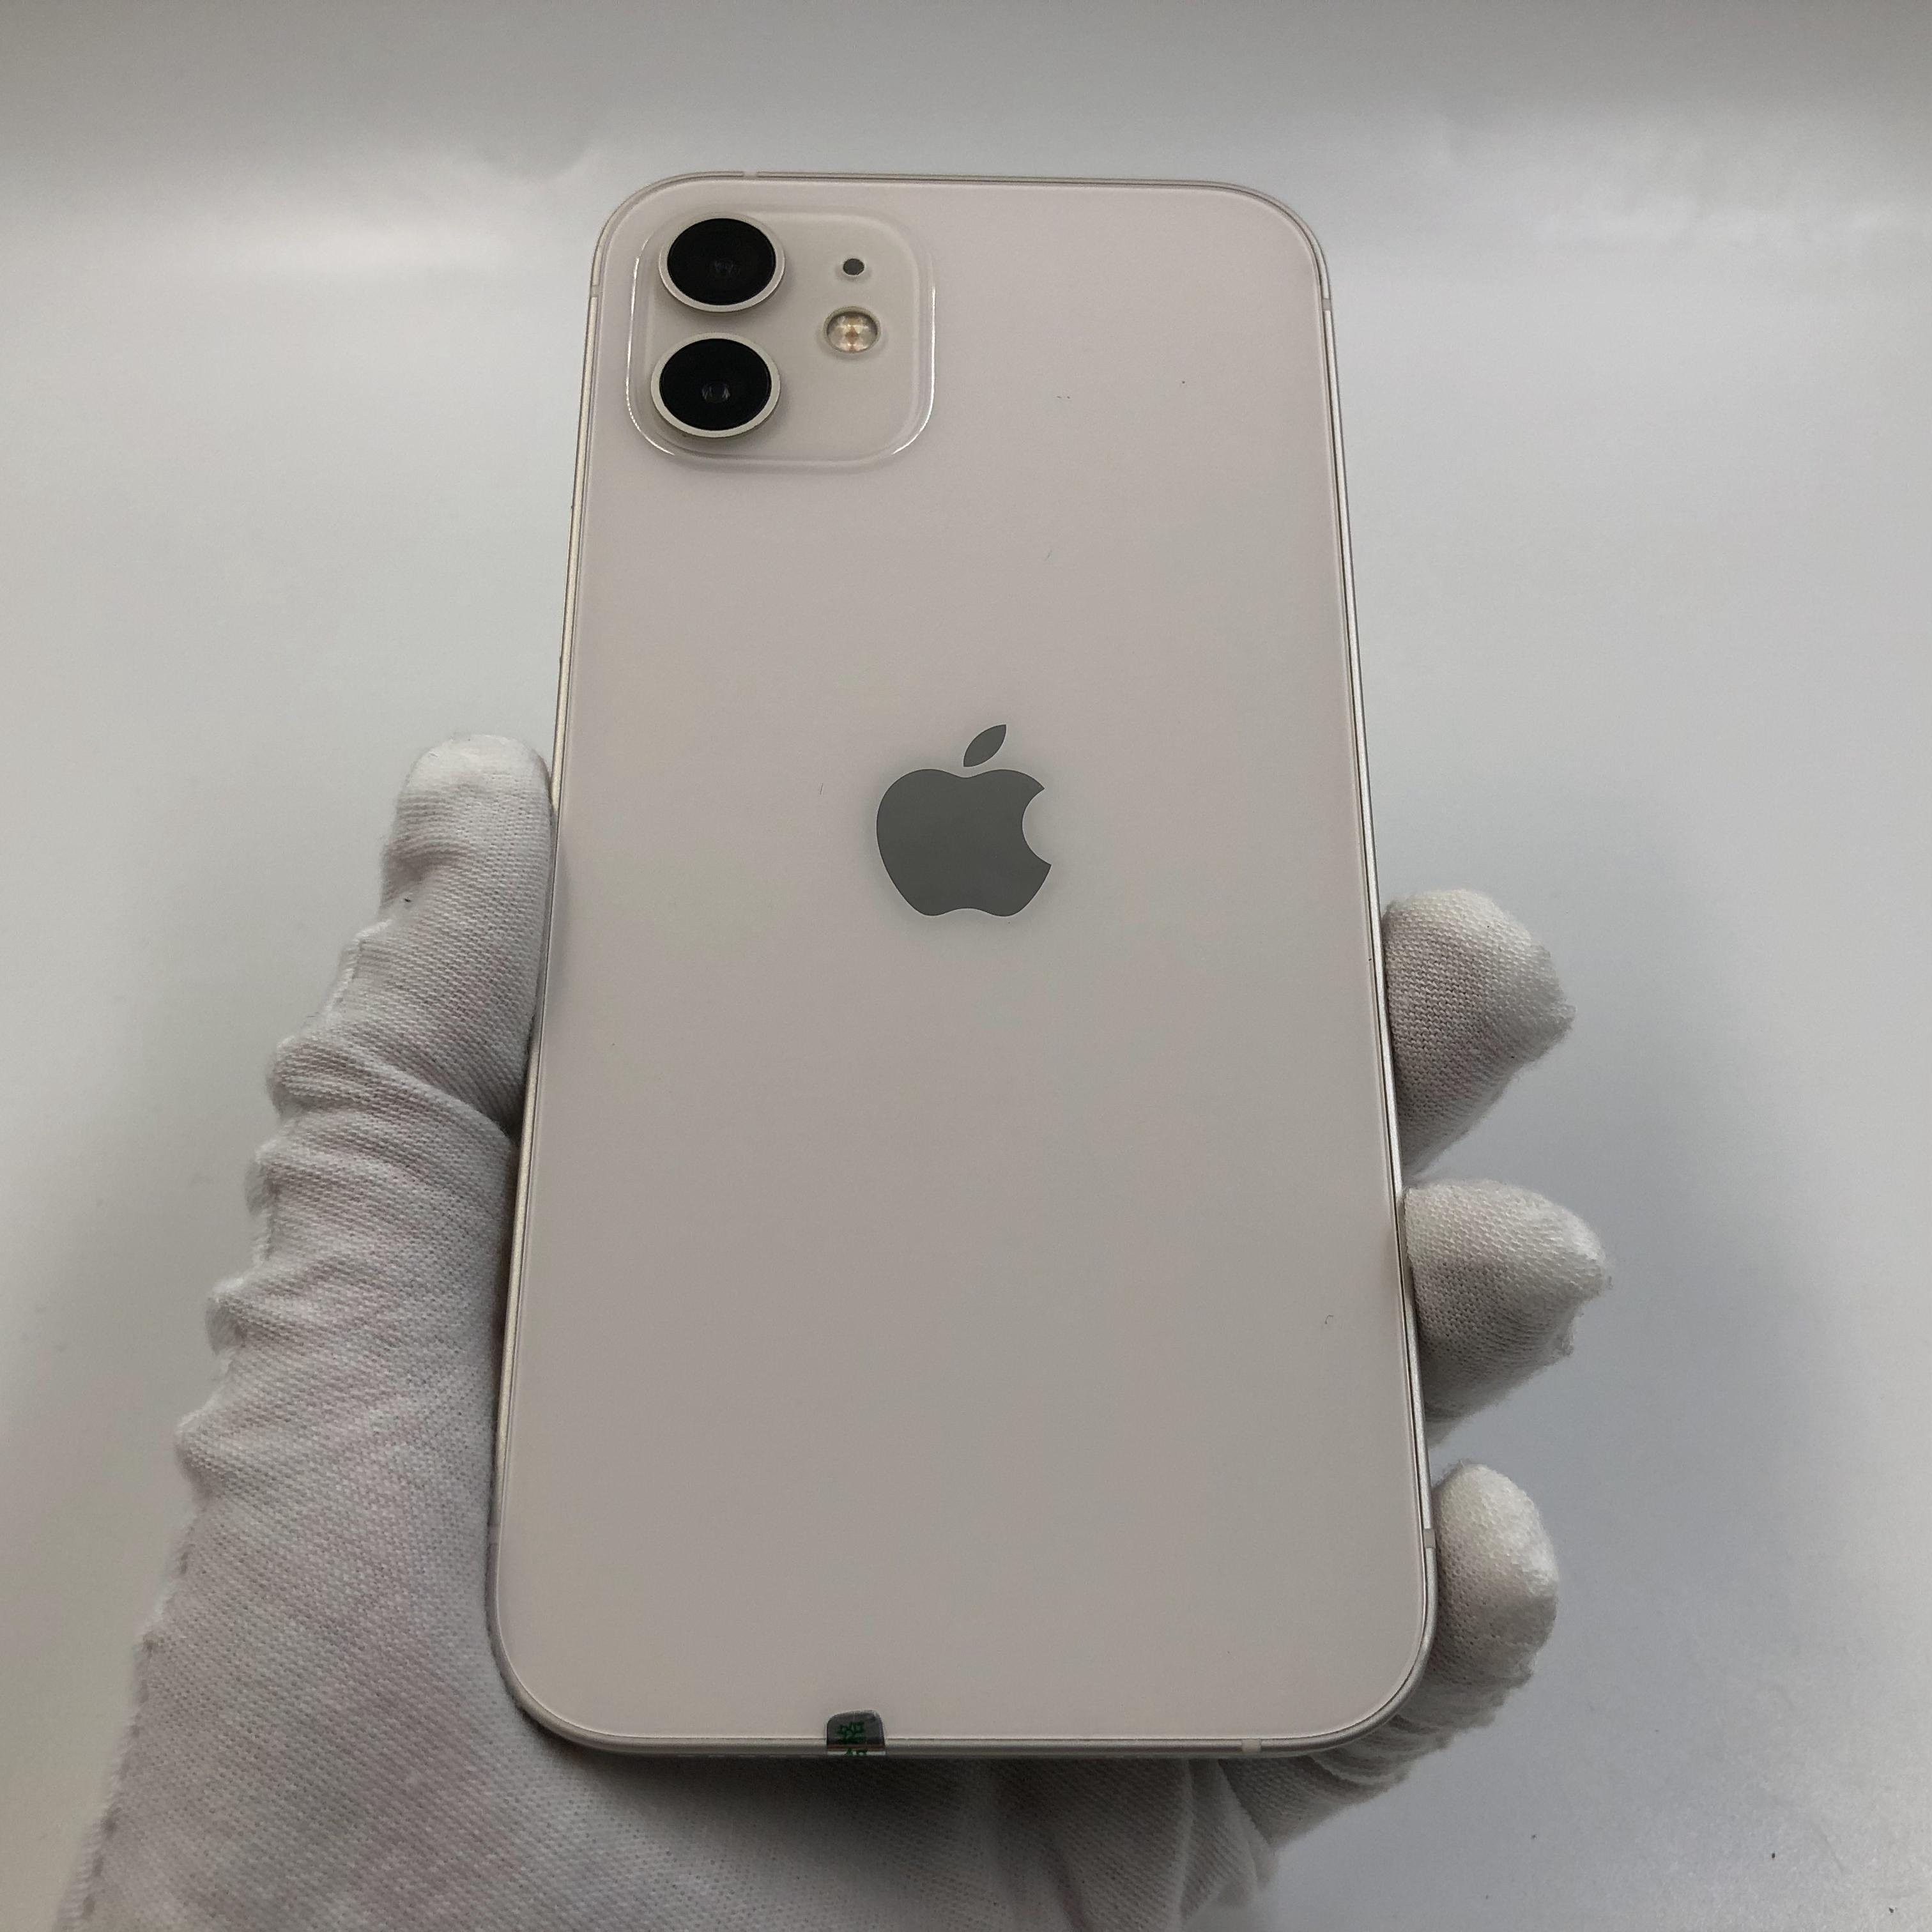 苹果【iPhone 12】5G全网通 白色 256G 国行 8成新 真机实拍保修2022-02-27